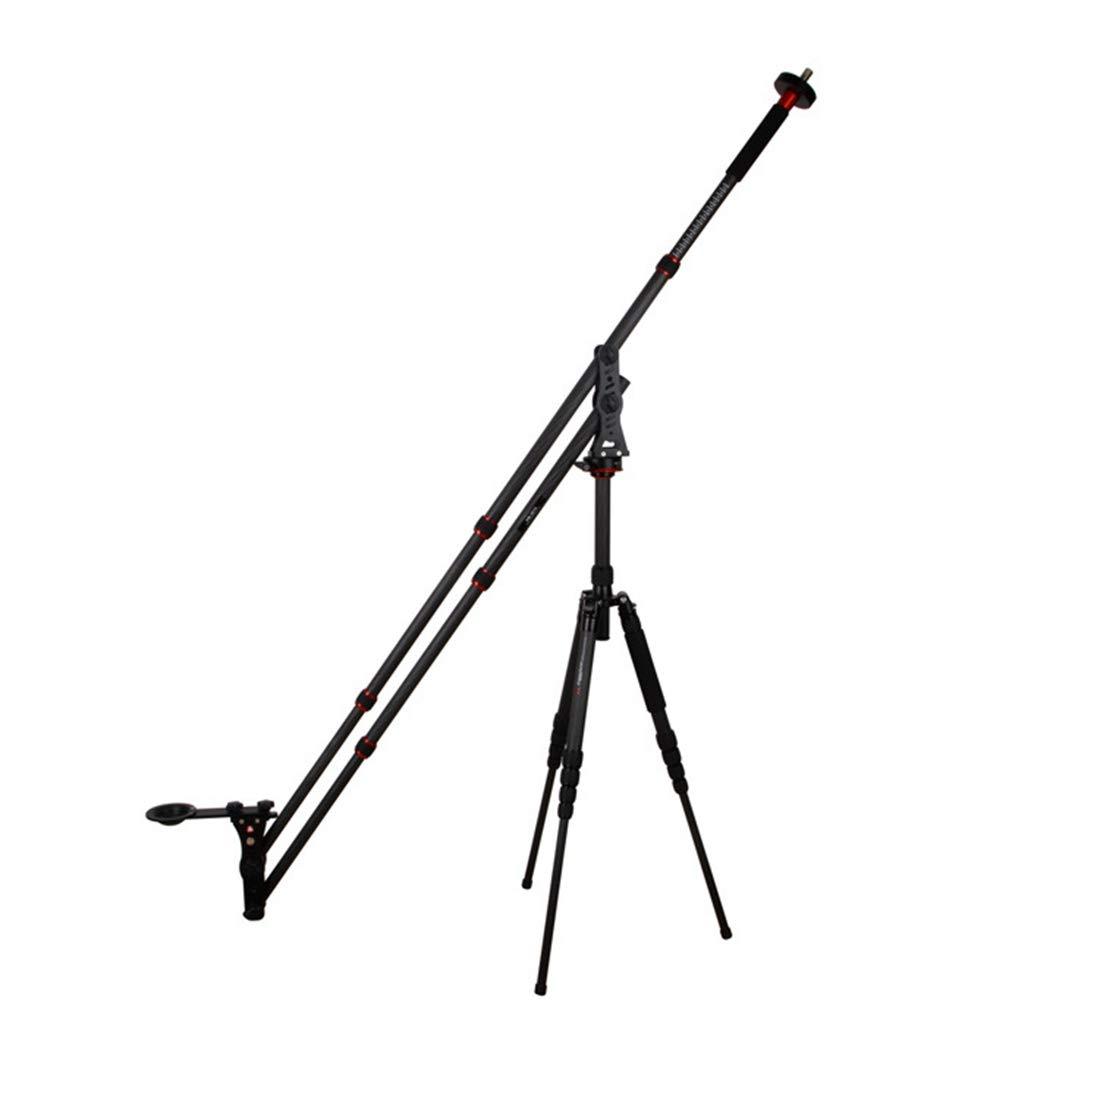 Koloeplf ウェディングカーボンファイバー一眼レフカメラ小型ロッカーアームポータブルマイクロフィルムロッカーアーム (Color : ブラック)  ブラック B07PLF14QV